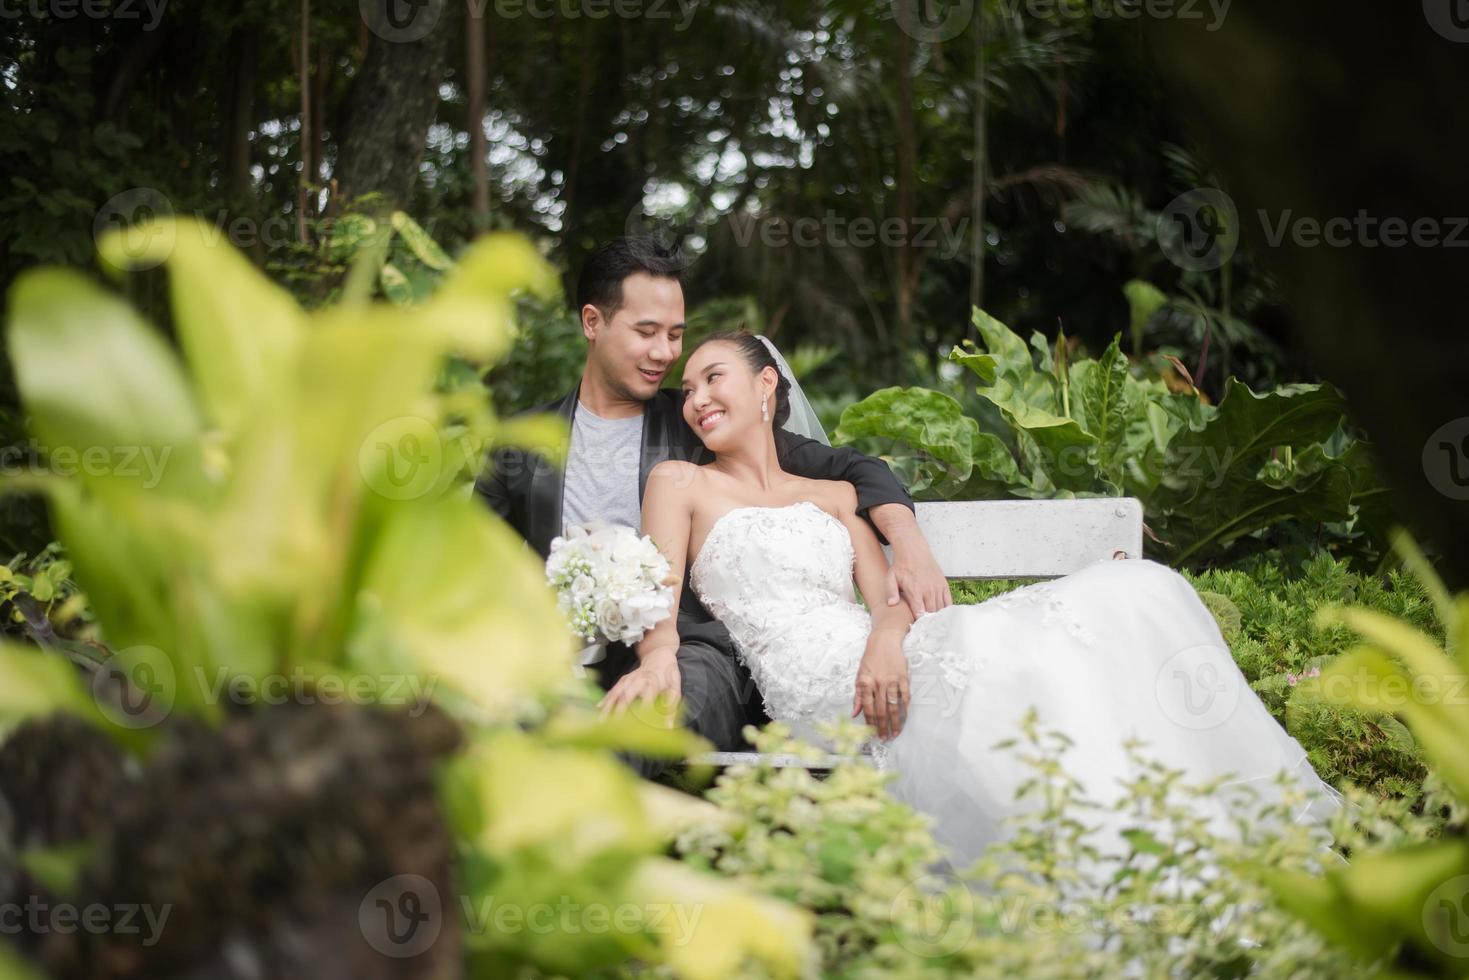 La novia y el novio sentados en la rama con el fondo del parque verde foto